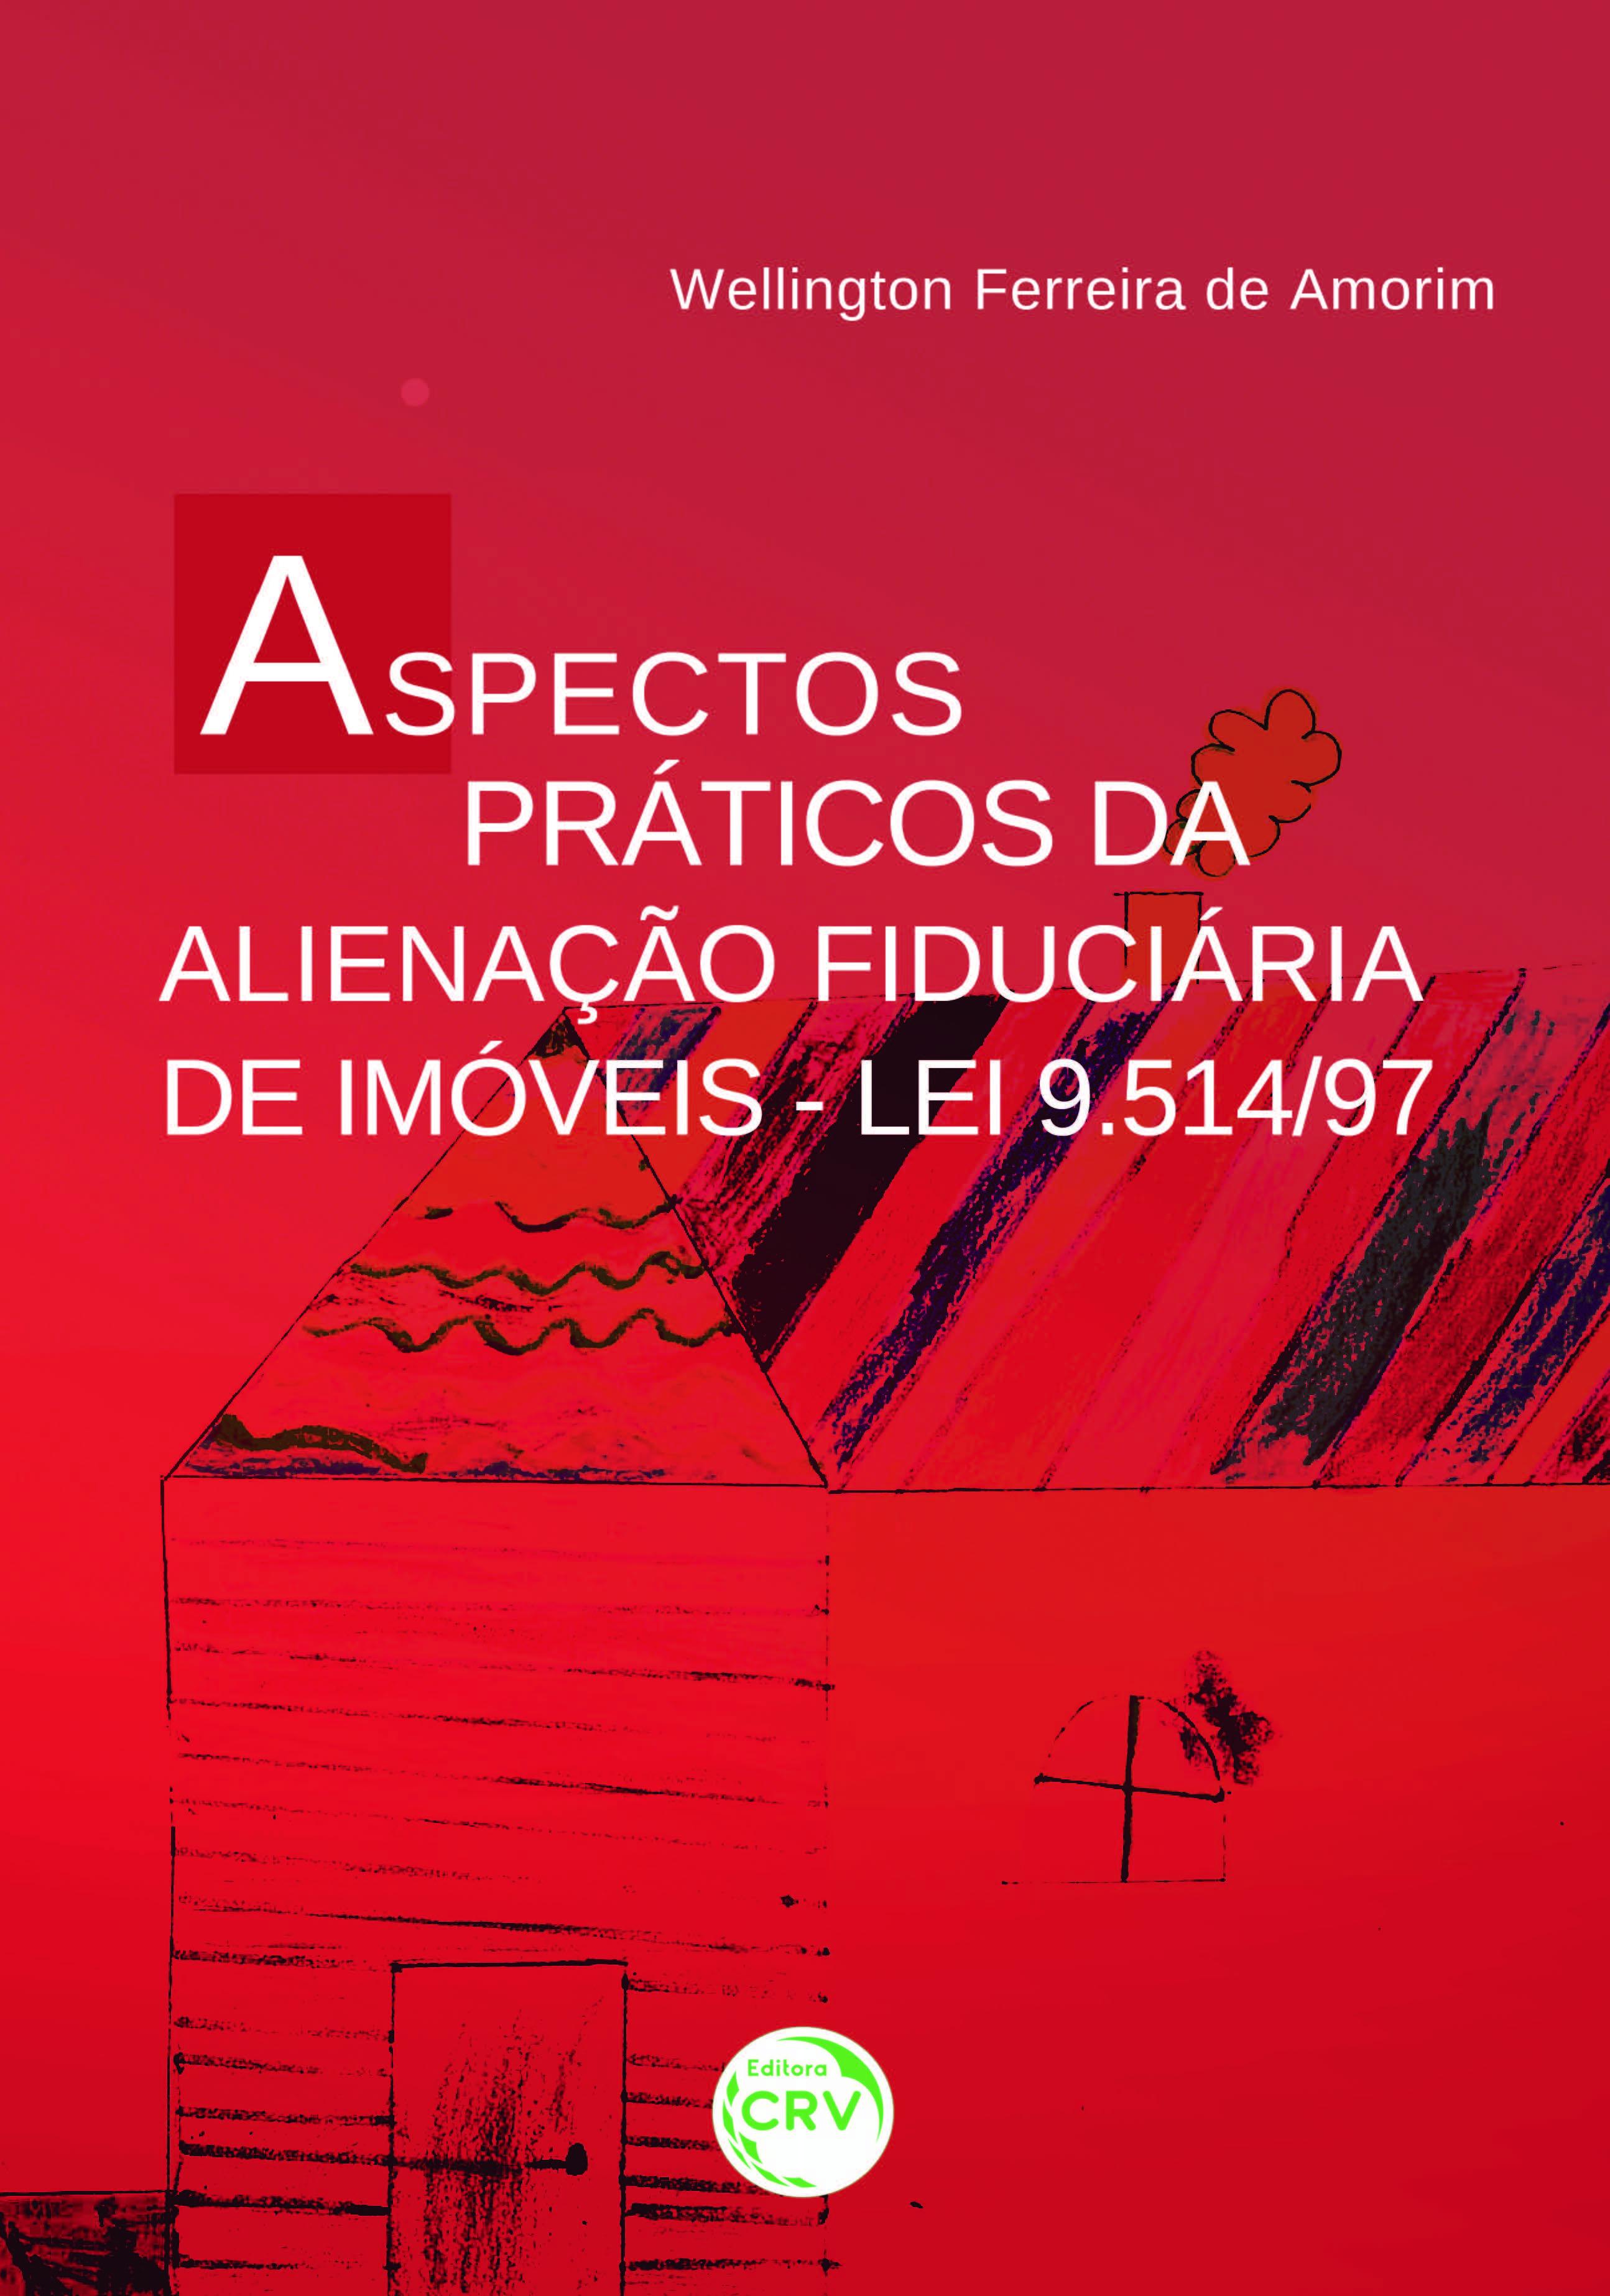 Capa do livro: ASPECTOS PRÁTICOS DA ALIENAÇÃO FIDUCIÁRIA DE IMÓVEIS – LEI 9.514/97